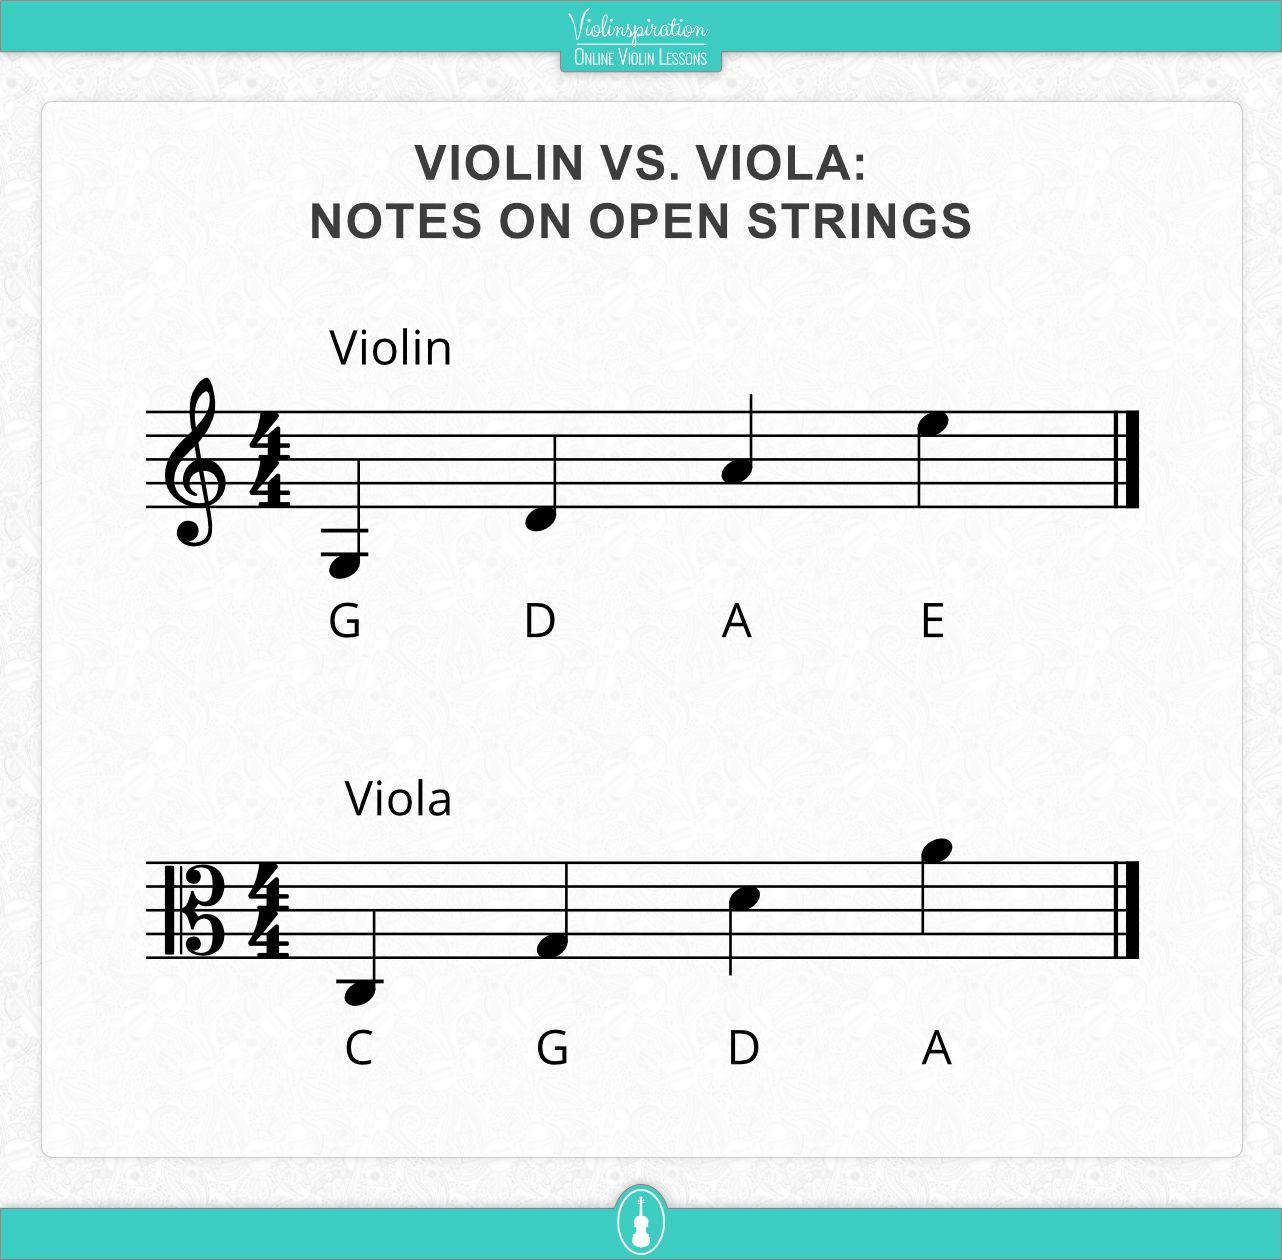 Violin vs viola - Open strings notes